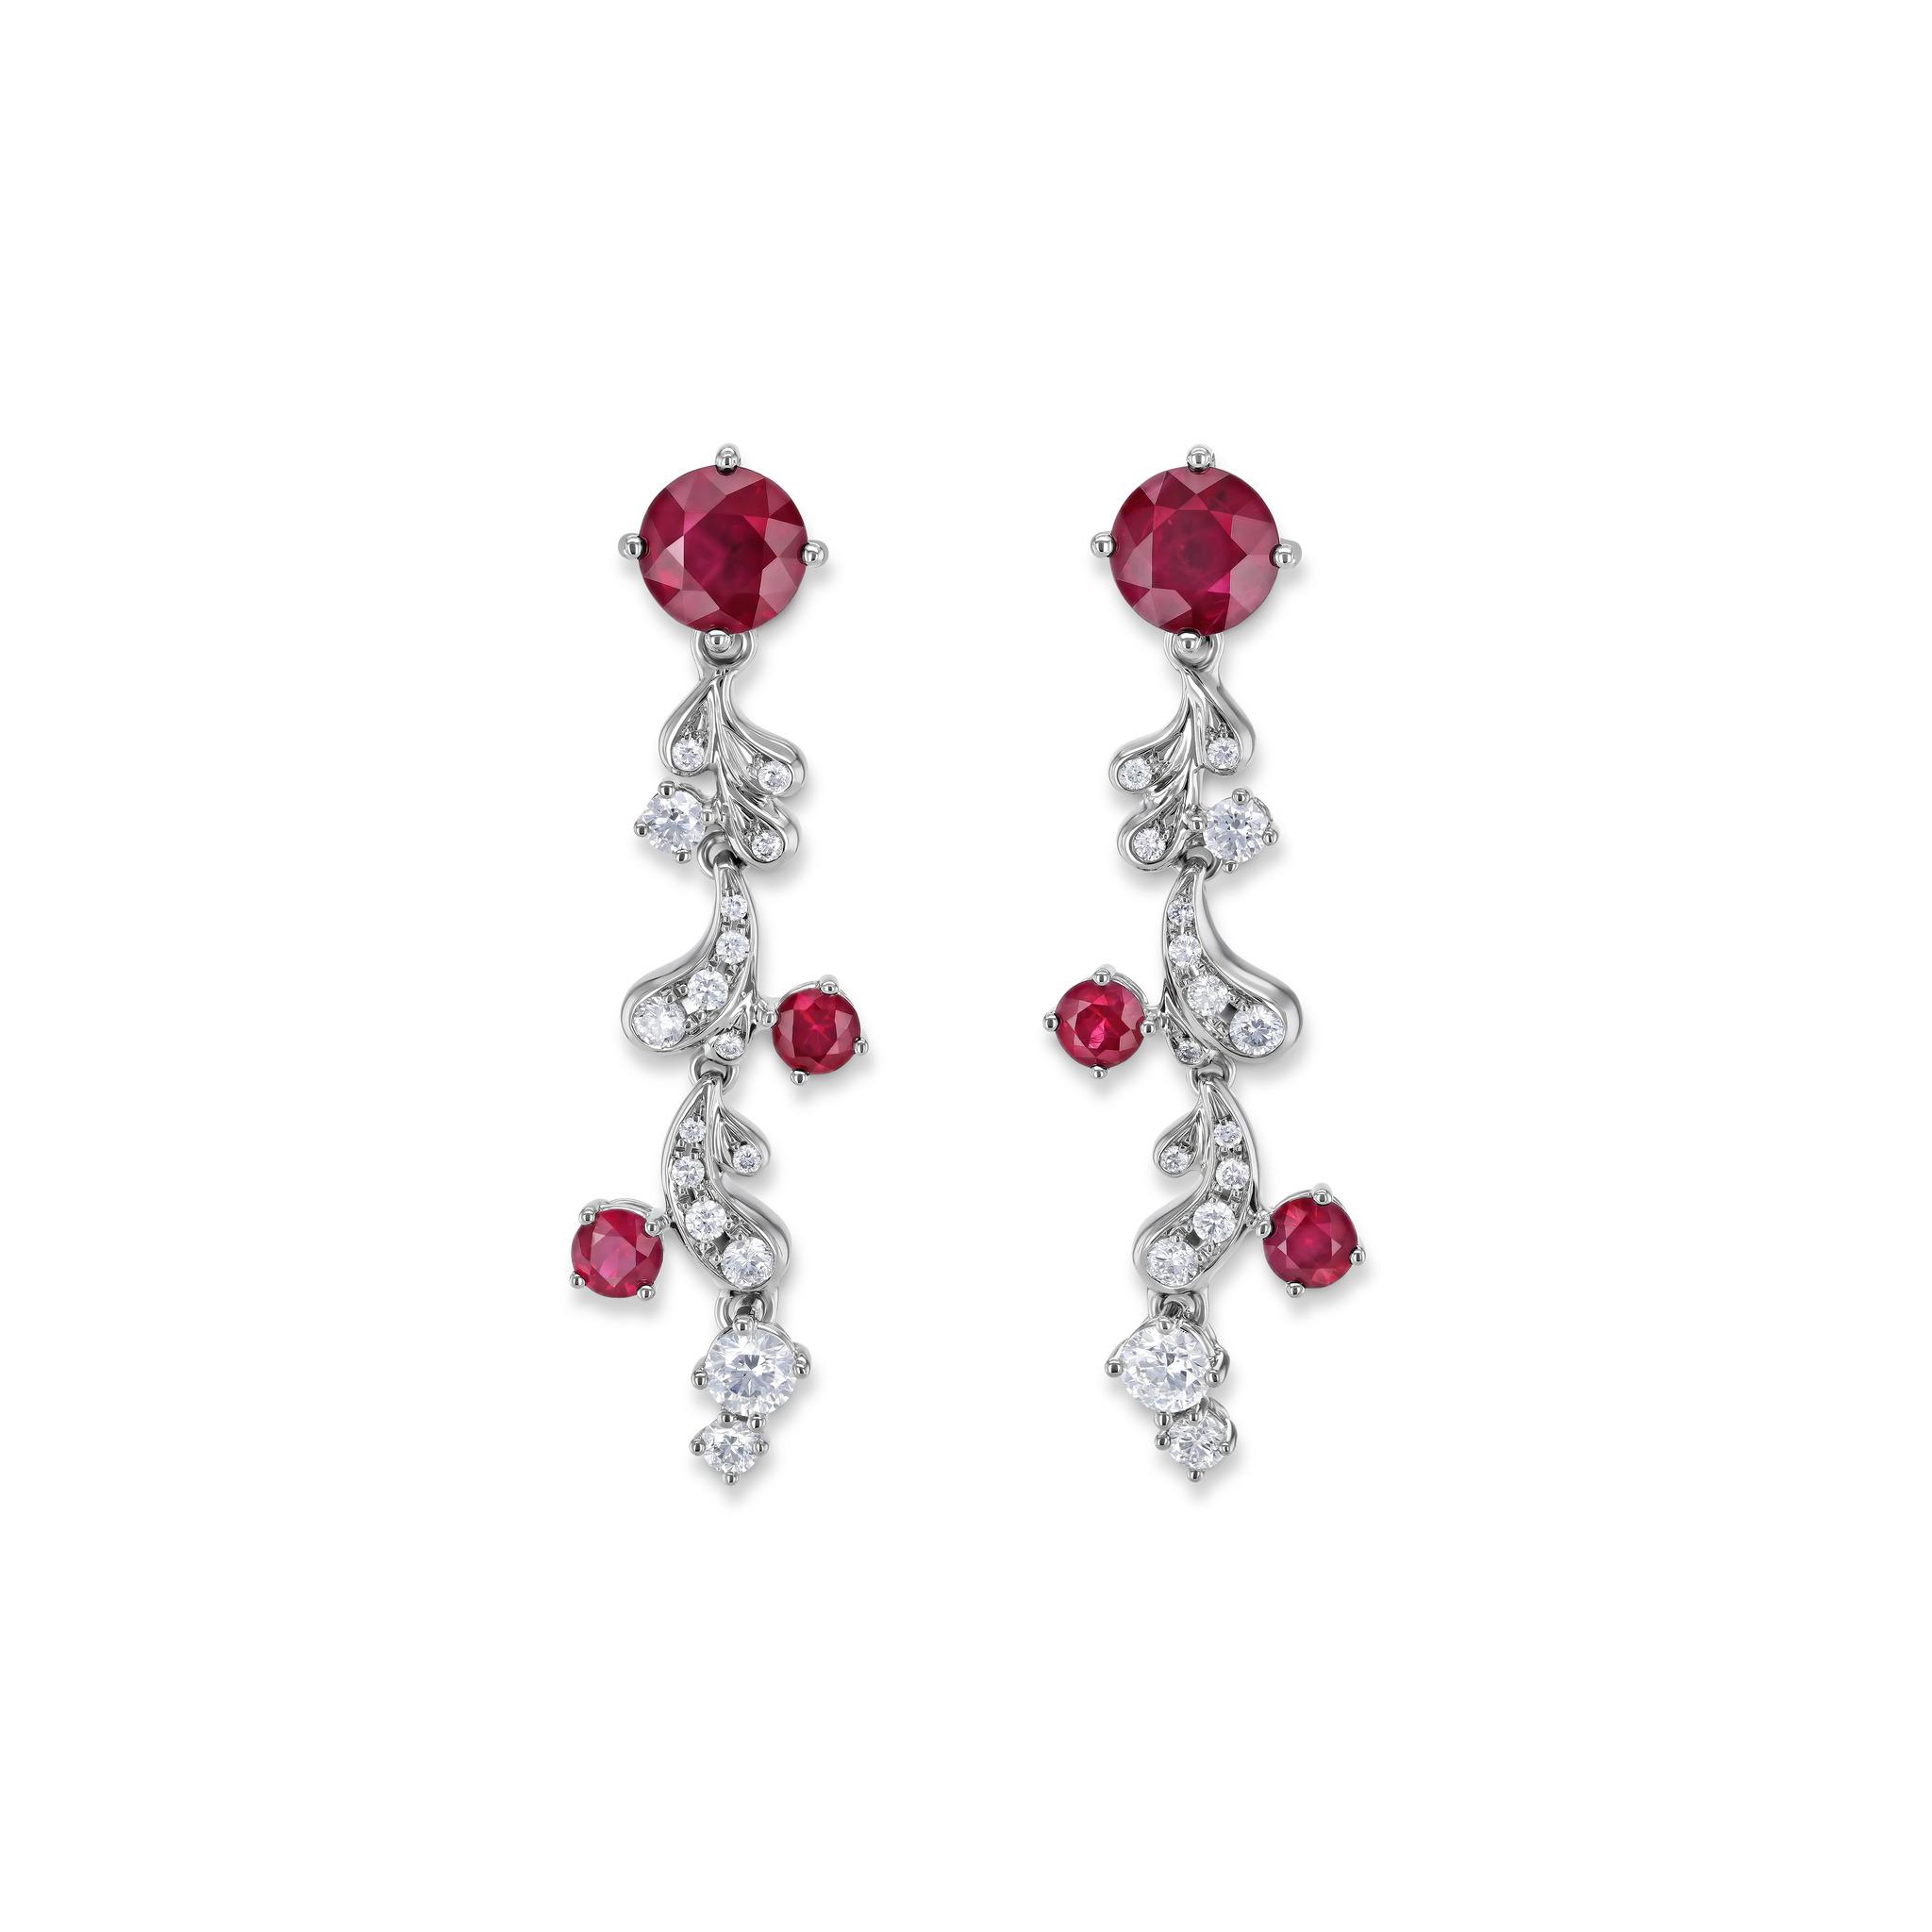 Earrings with rubies